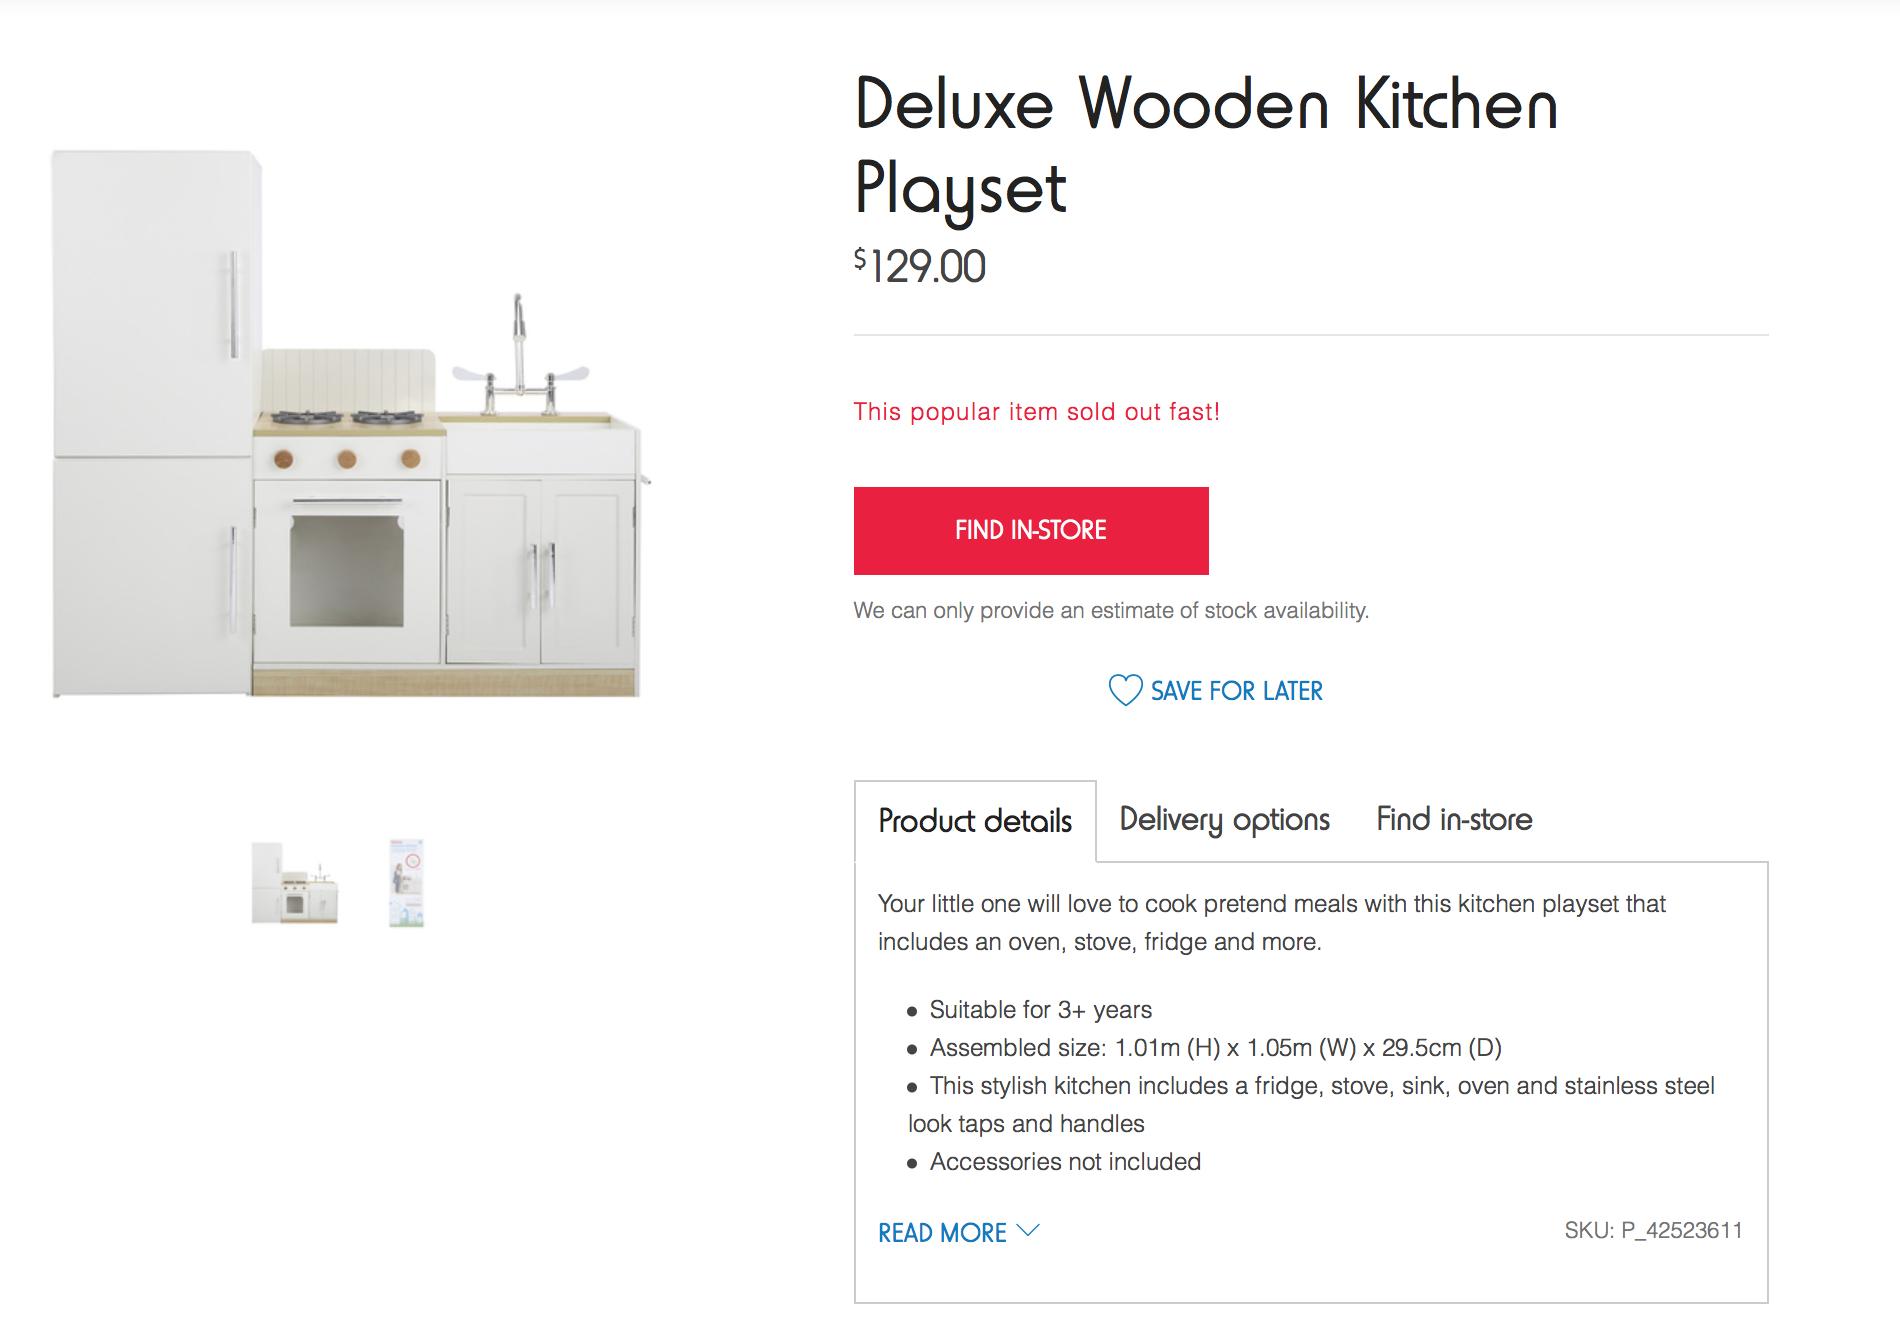 Kmart Wooden Kitchen